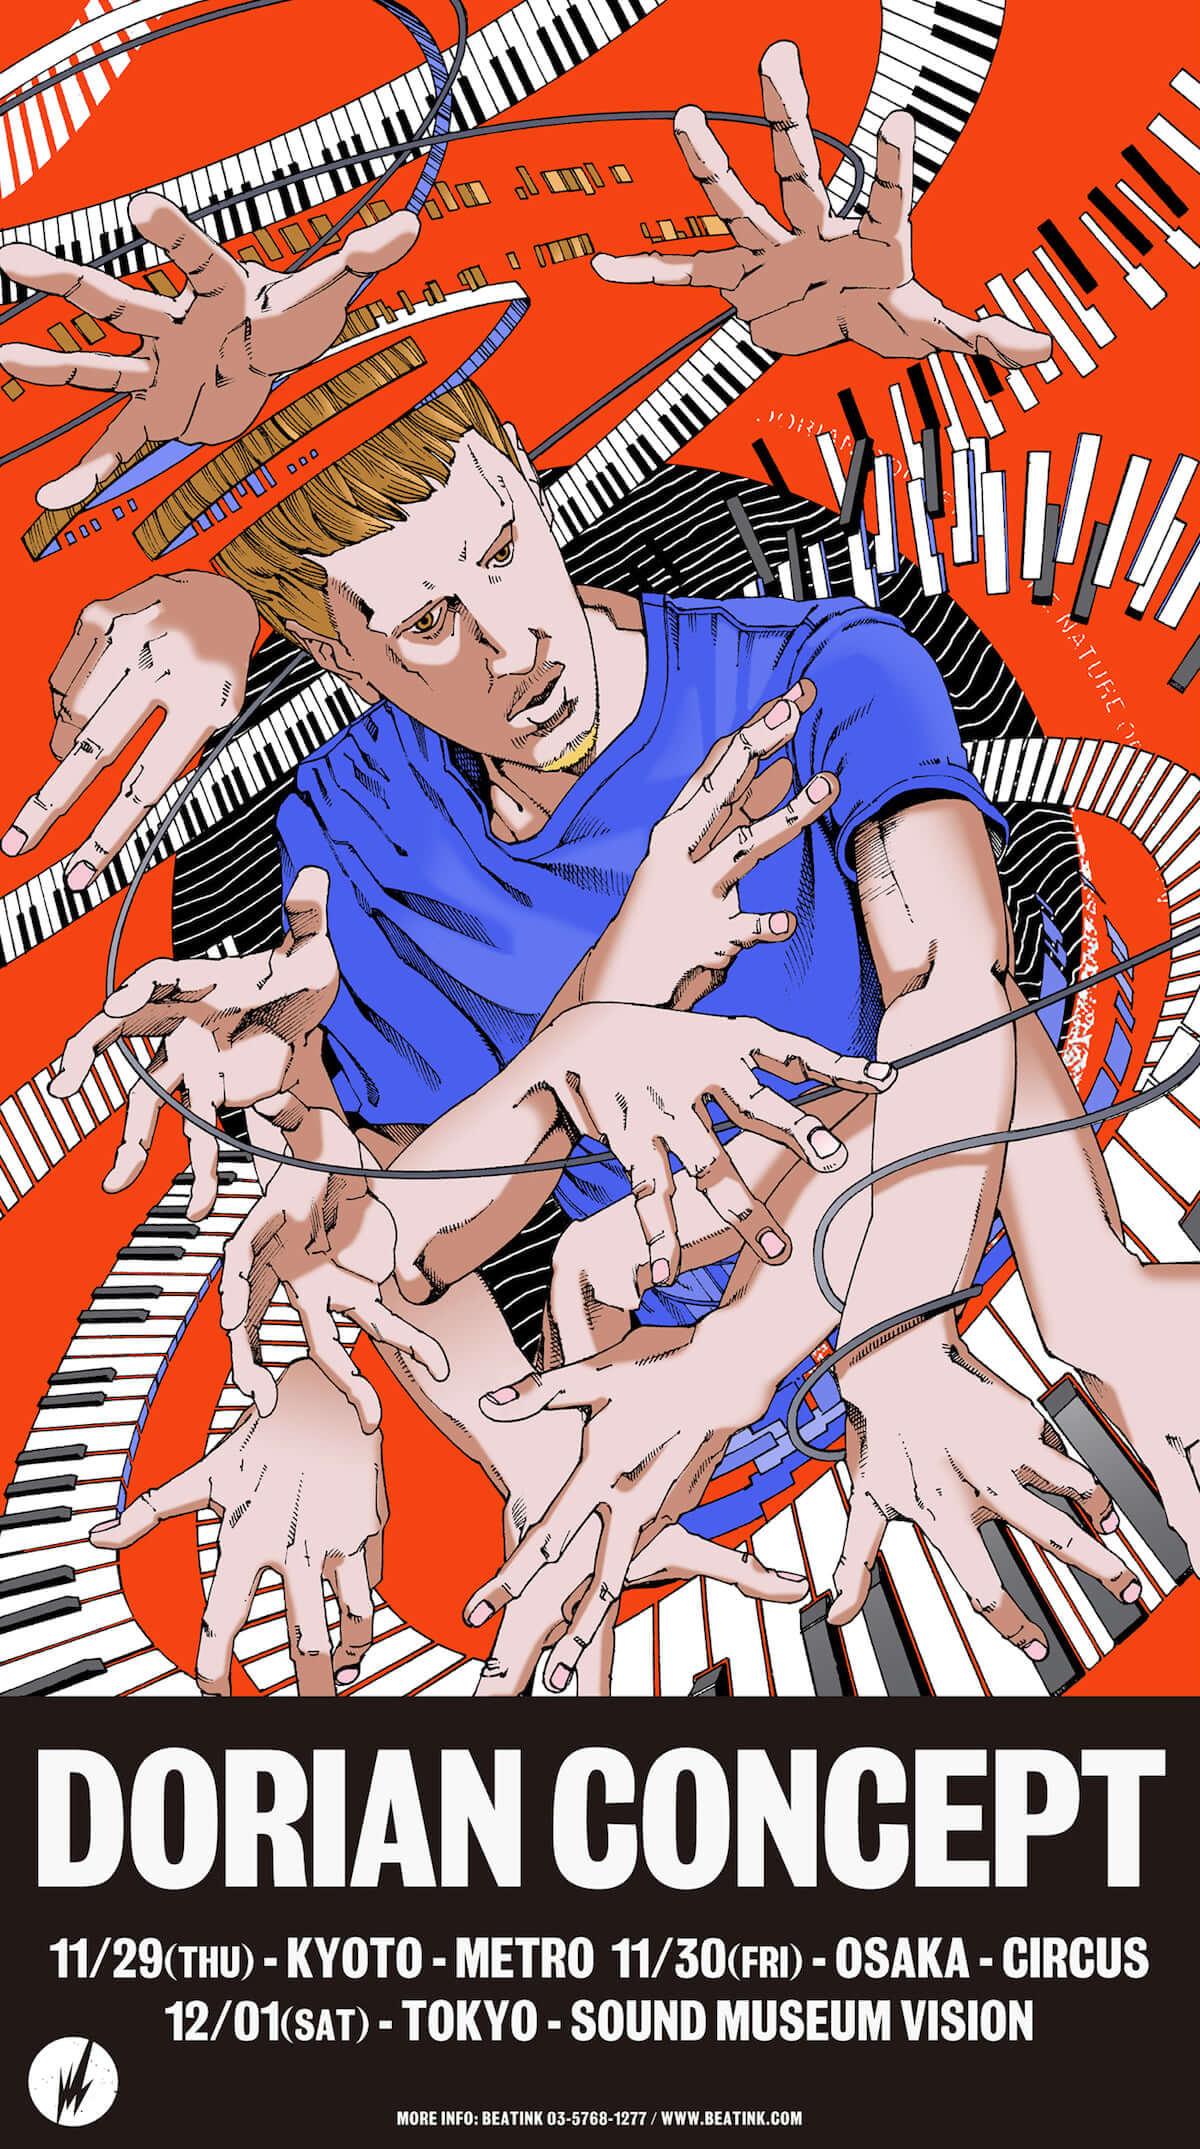 ドリアン・コンセプト、京都・大阪・東京で来日公演開催!〈Brainfeeder〉からの最新アルバム、ソニマニ出演で注目の鬼才が再び! music180928_dorianconcept_1-1200x2149